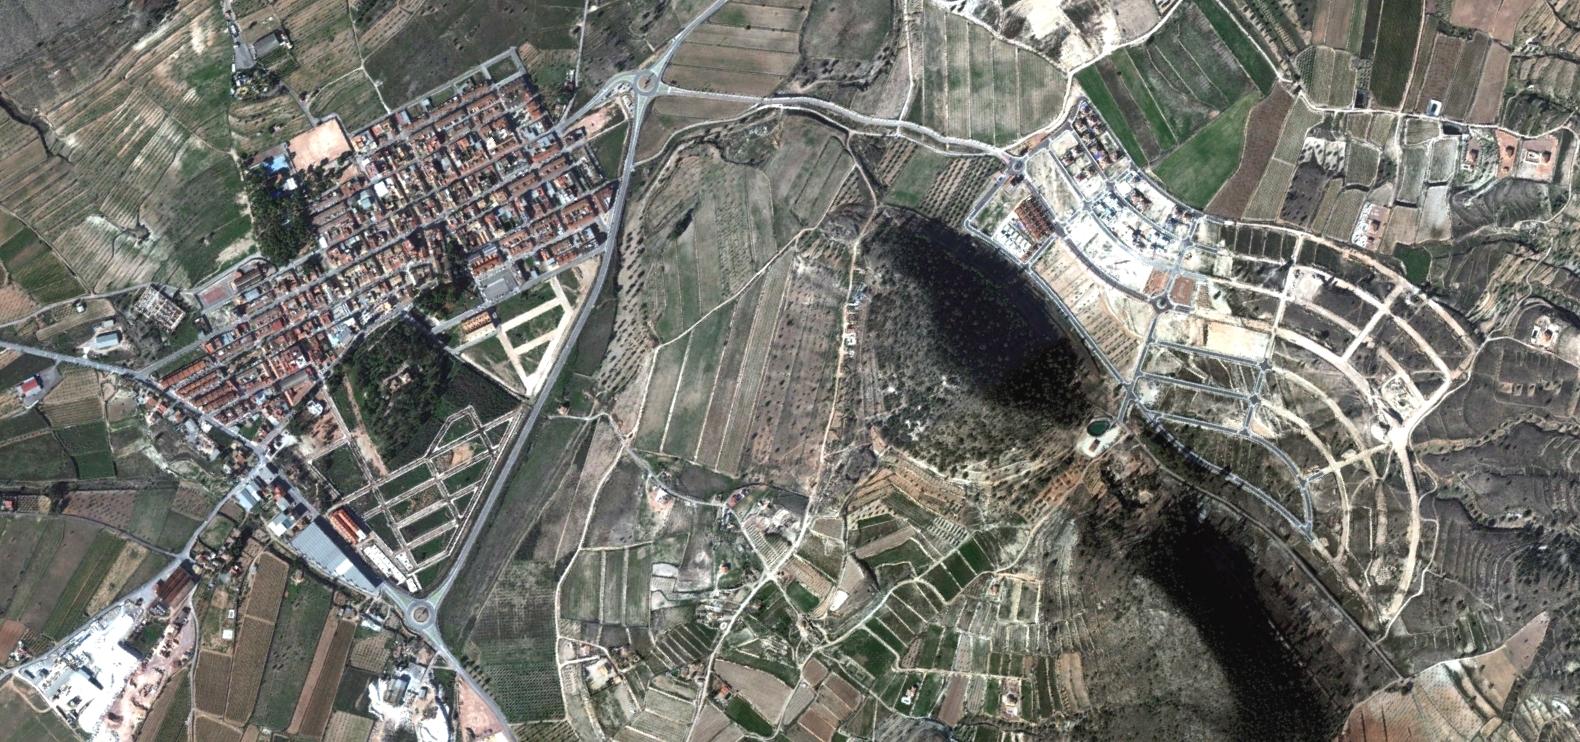 la romana, alicante, a la, después, urbanismo, planeamiento, urbano, desastre, urbanístico, construcción, rotondas, carretera